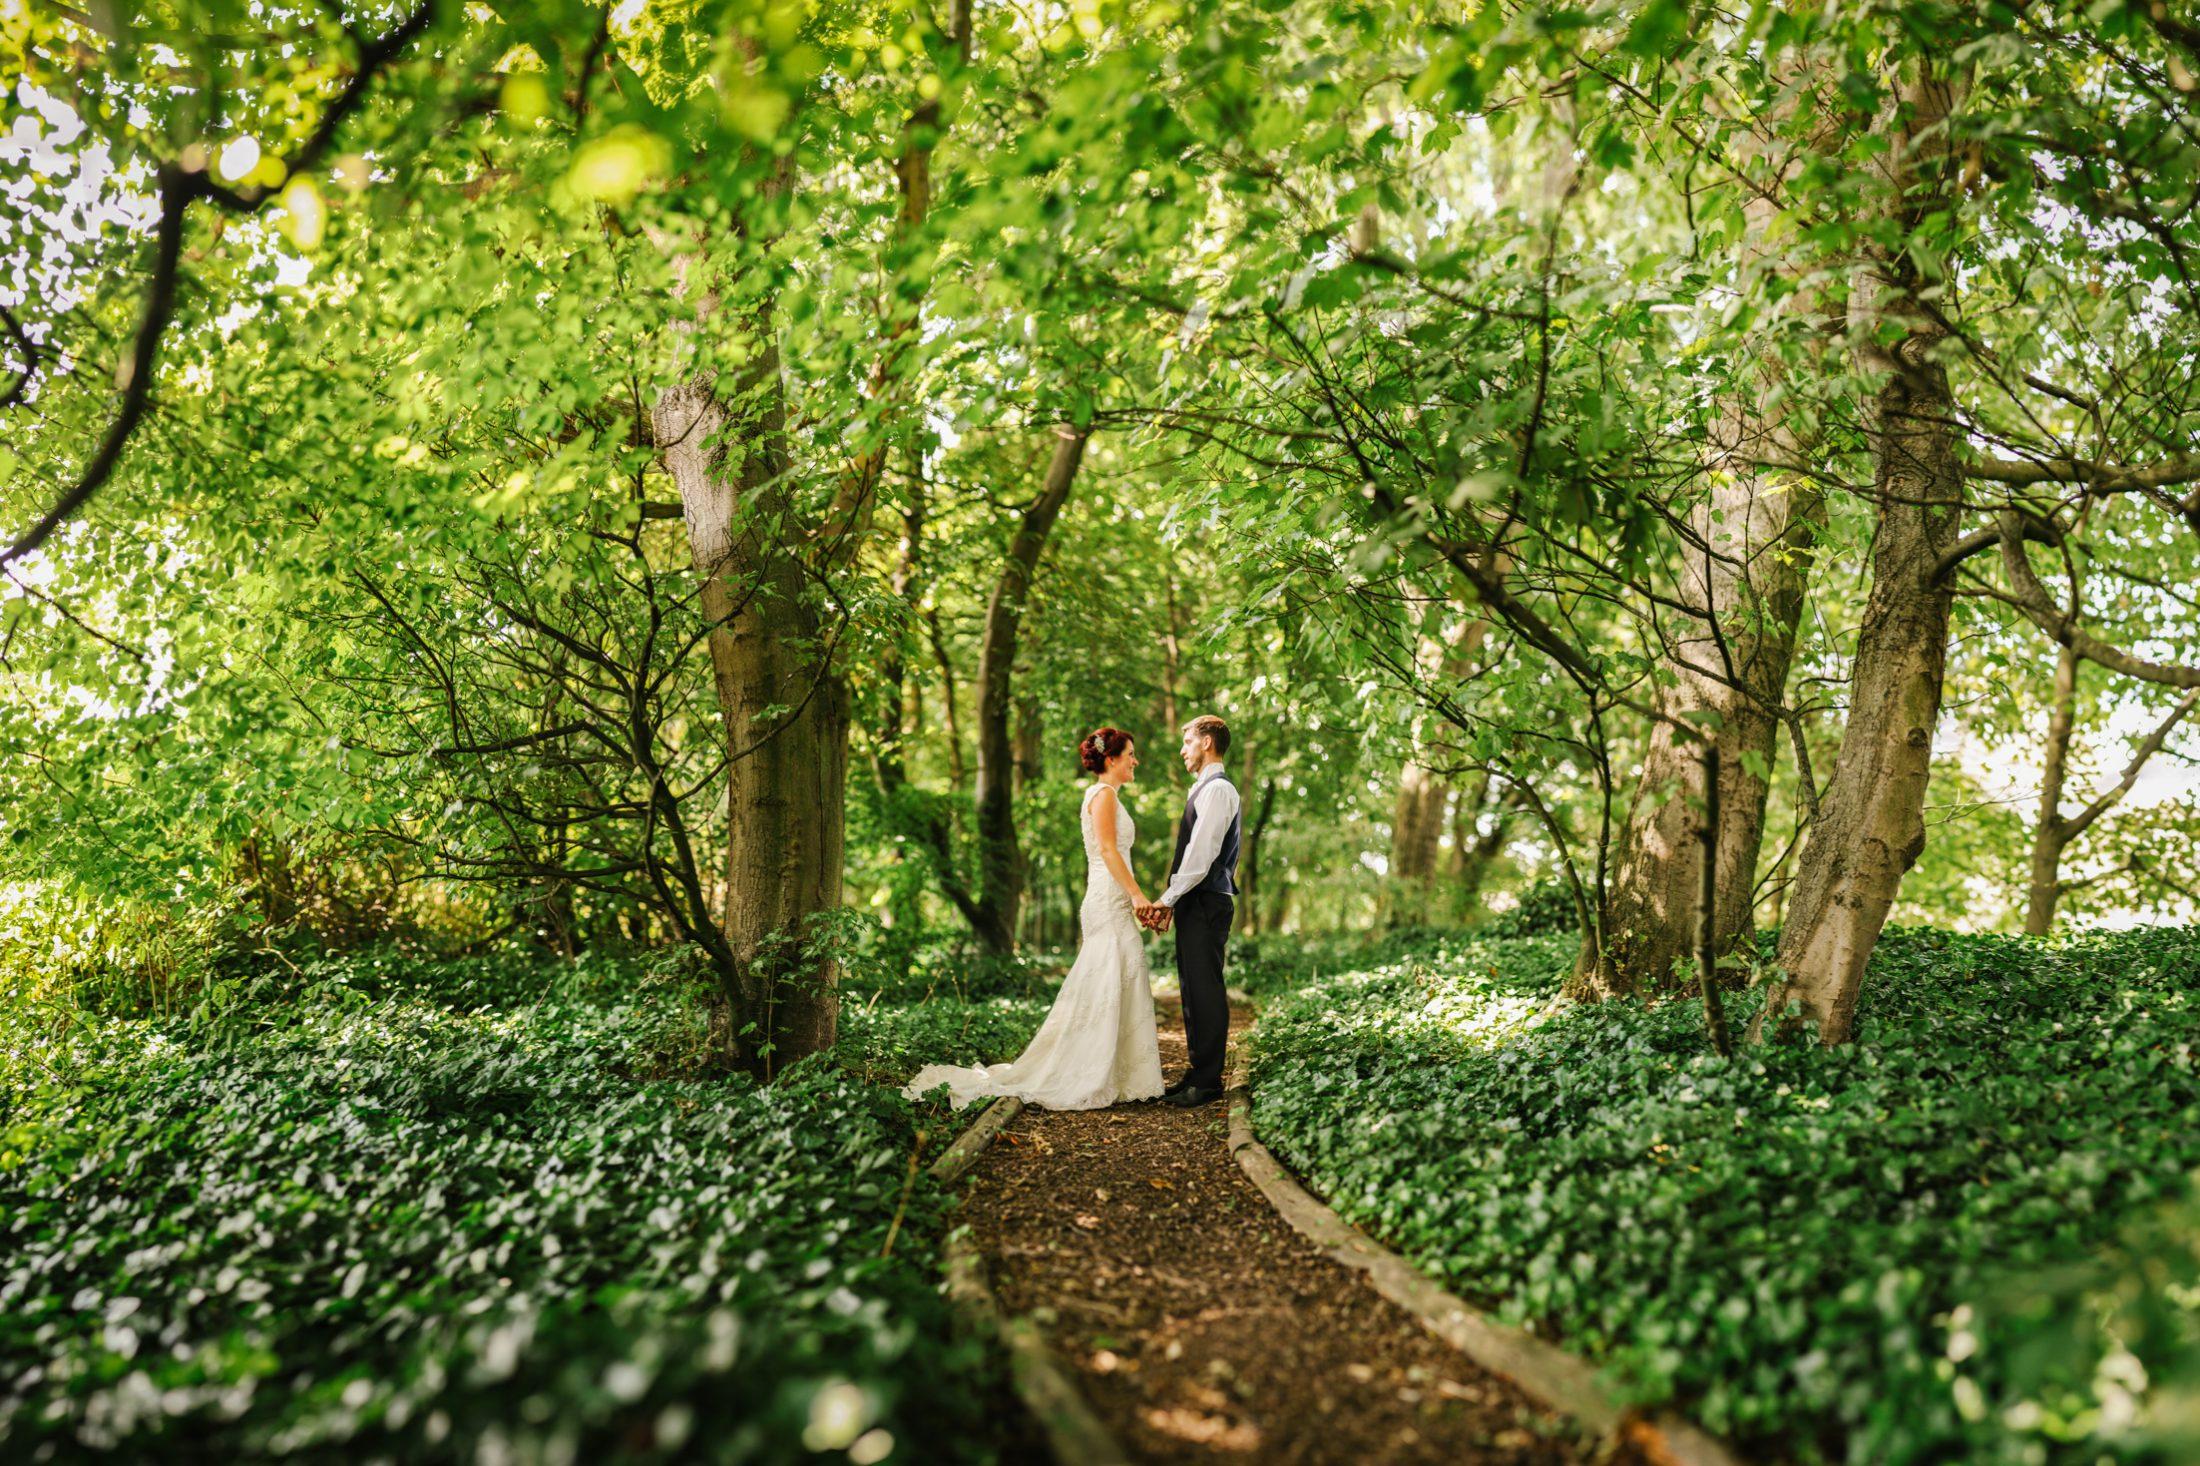 Sarah & Allan - Woodlands Wedding Photography Leeds